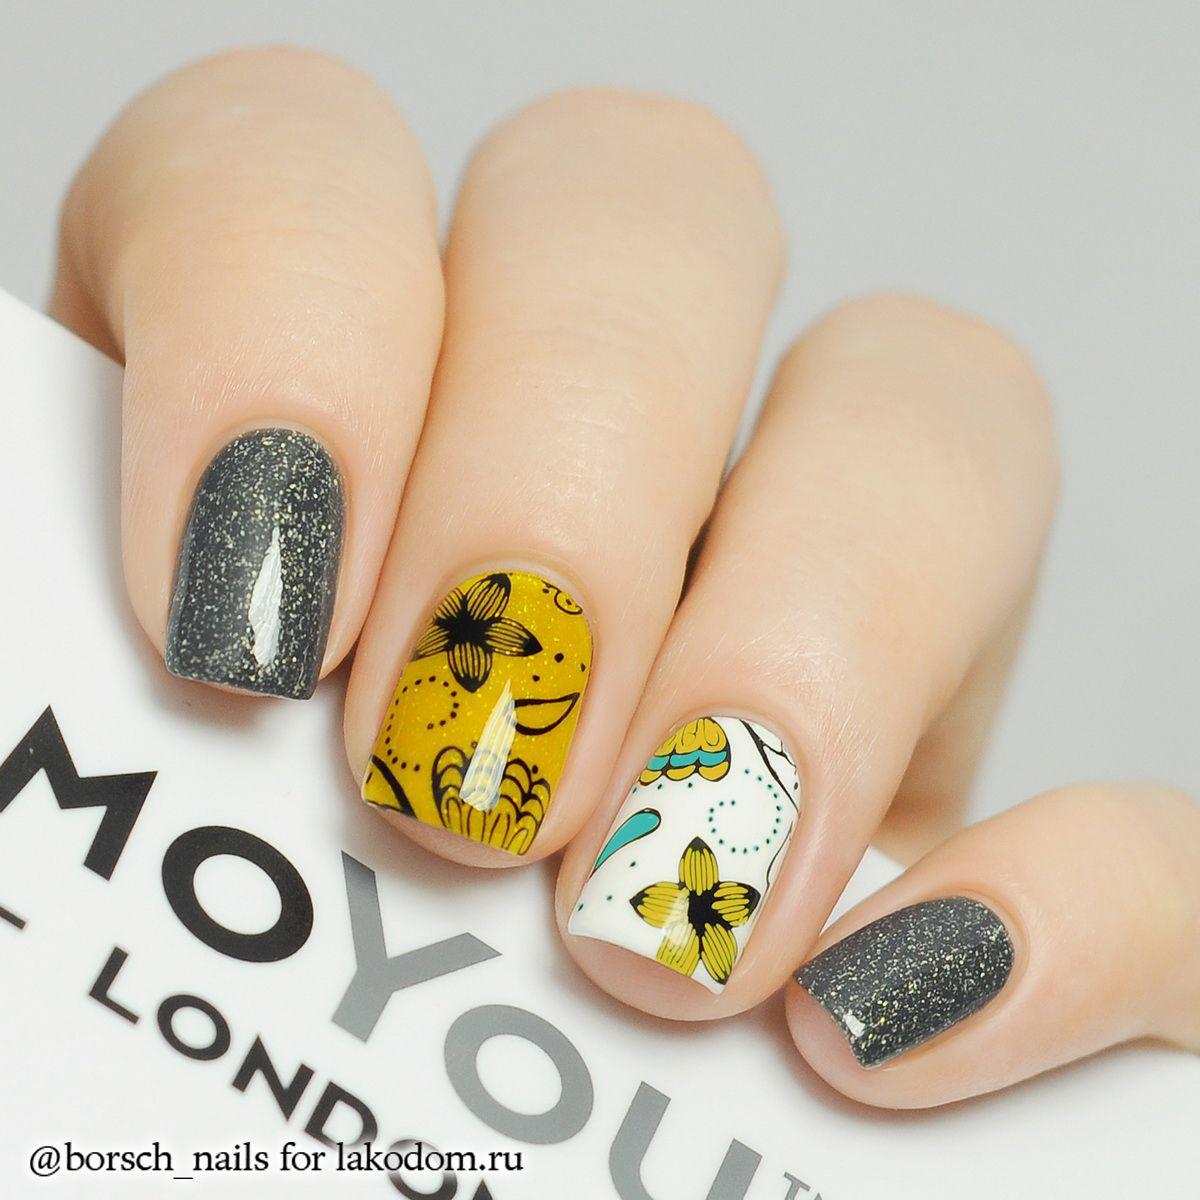 Pro XL Uñas Pinterest Manicure Nail stamping and Nail nail